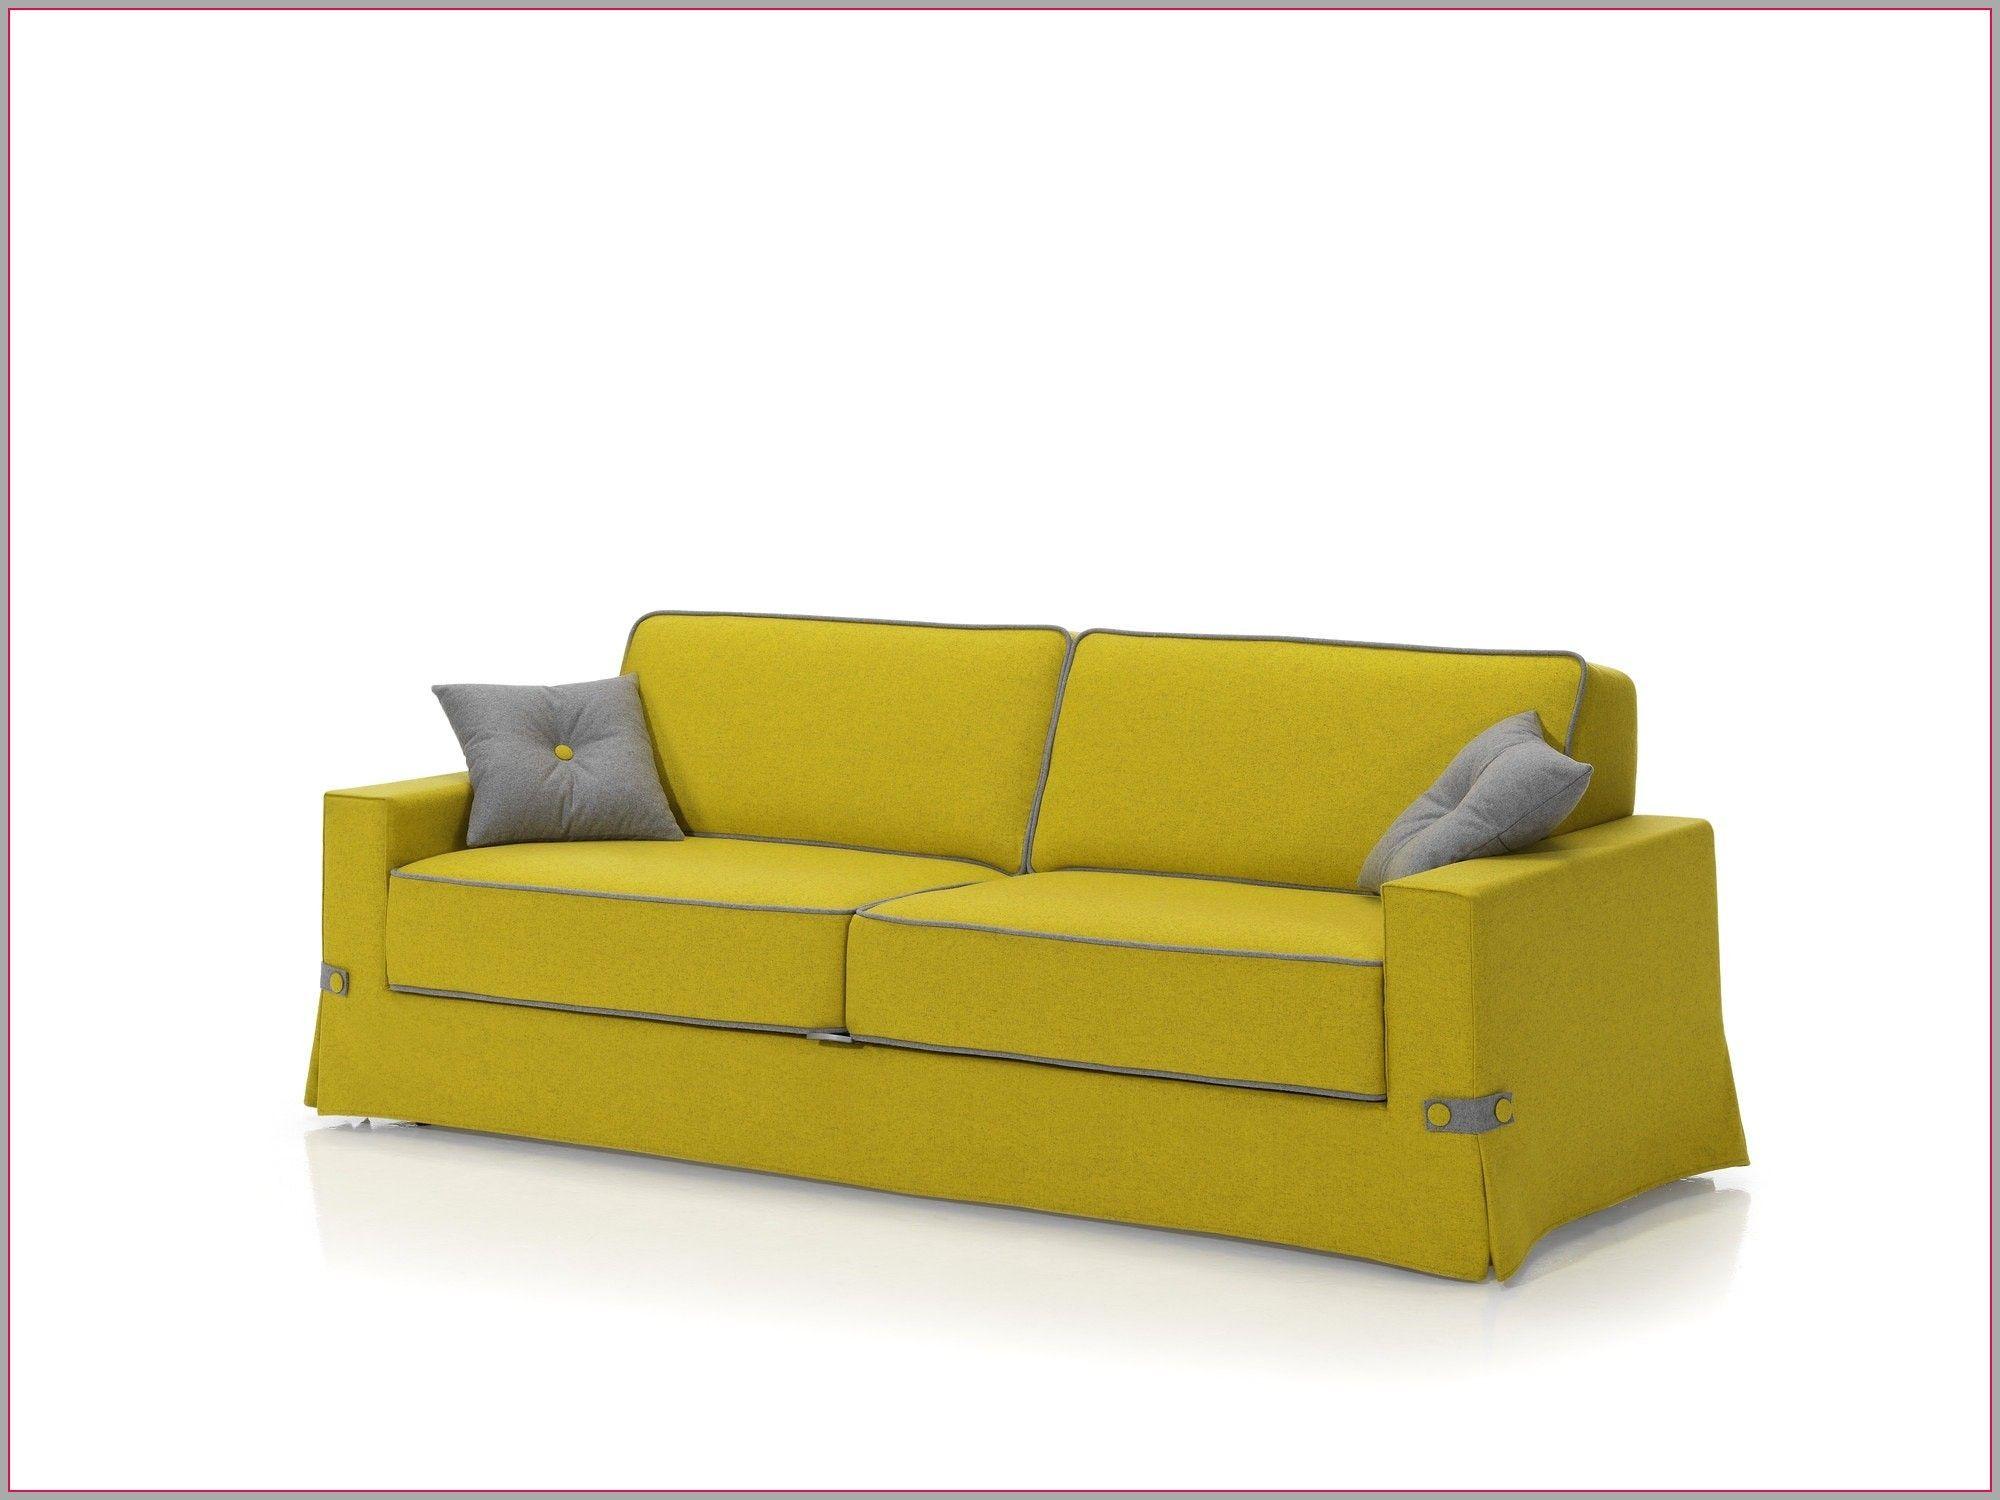 Canapé Velours Cotelé Ikea Beau Photos La Charmant Choisir Un Canapé Conception  Perfectionner La G Te